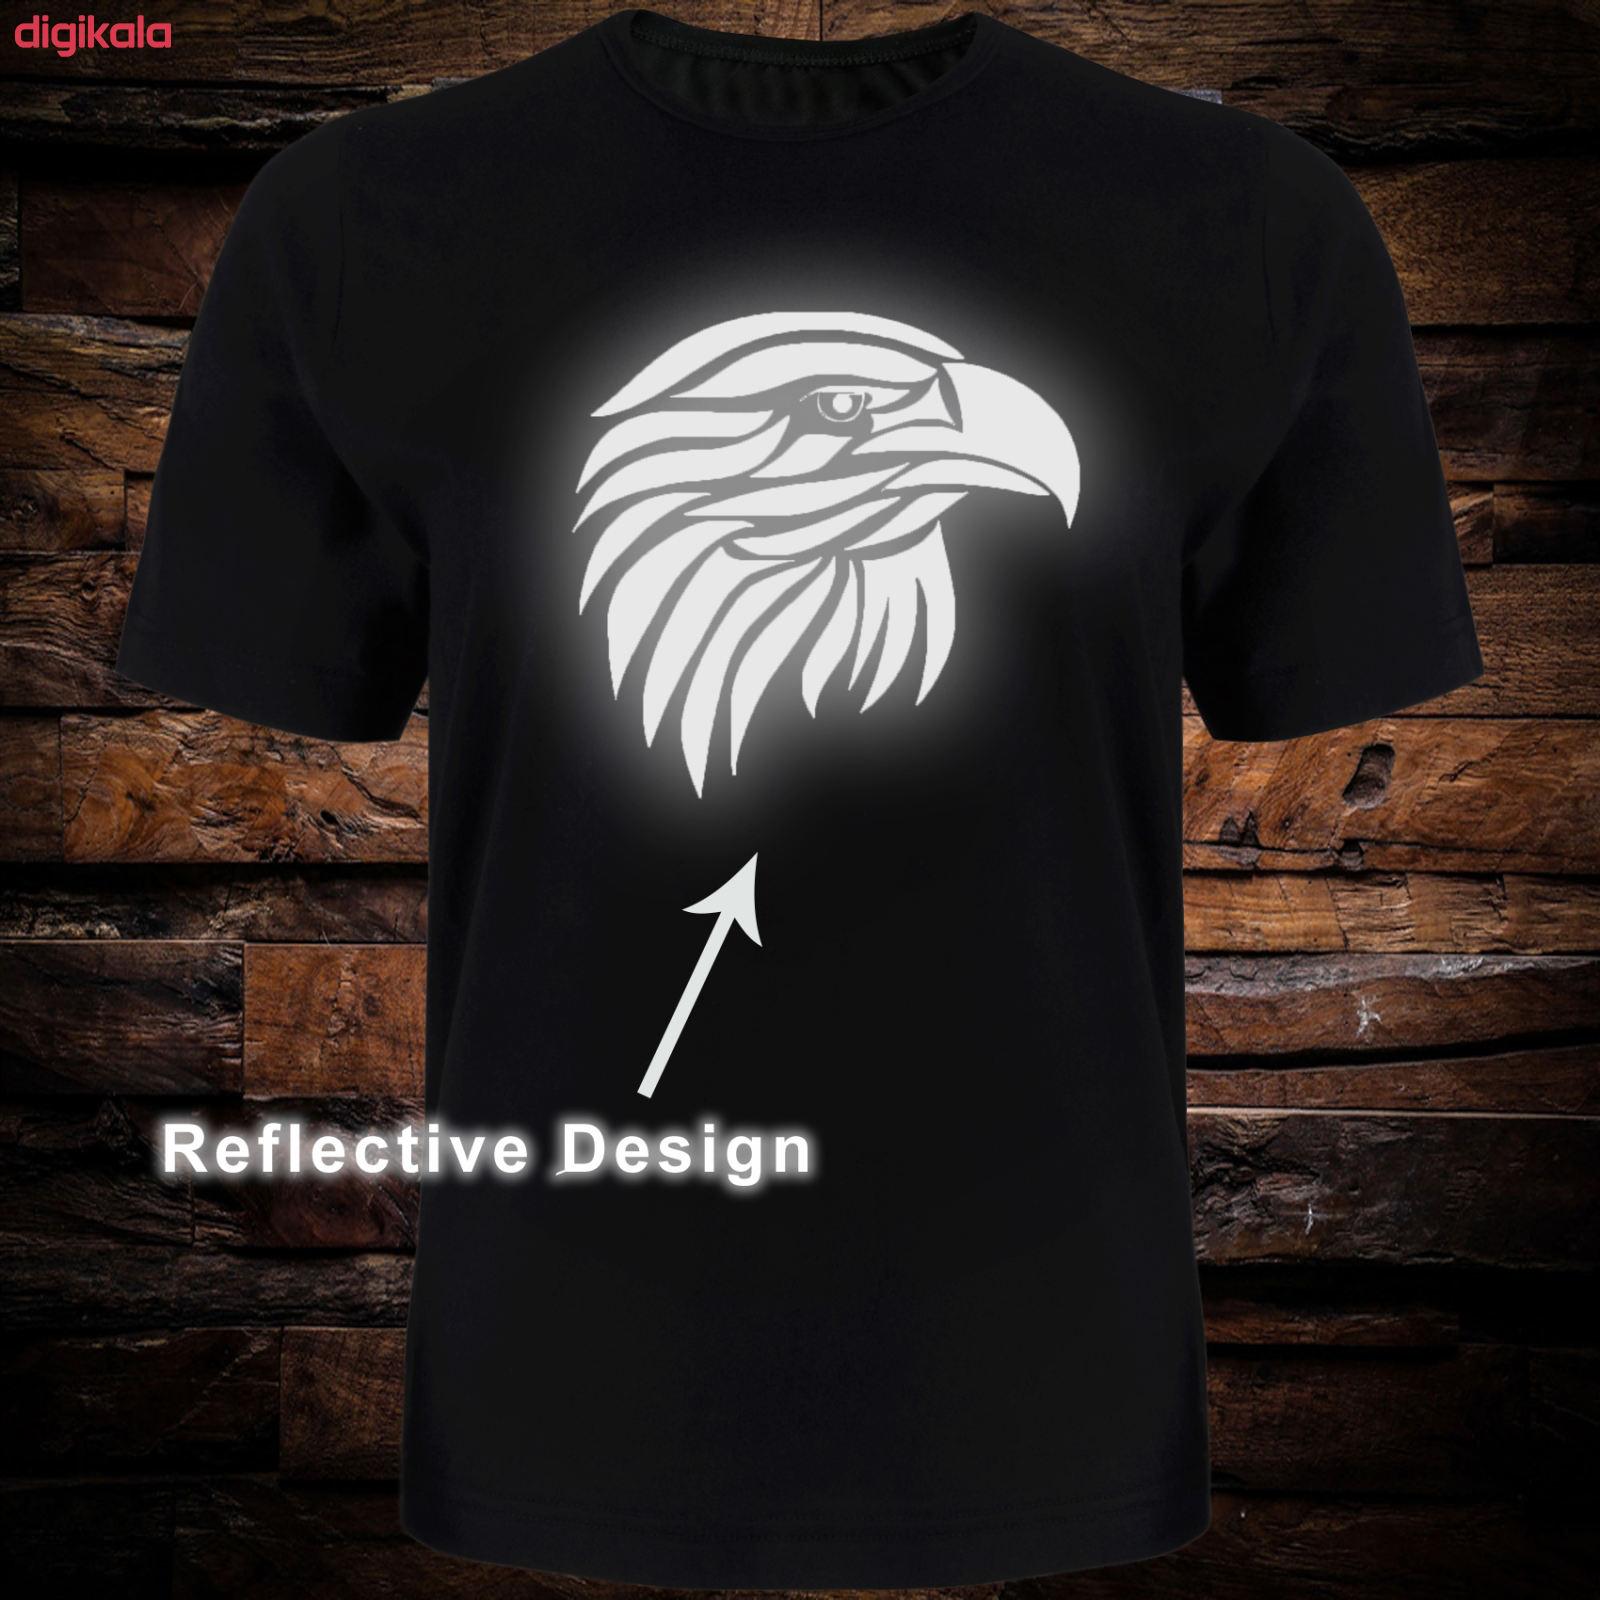 تی شرت آستین کوتاه مردانه طرح عقاب کد TR05 main 1 3